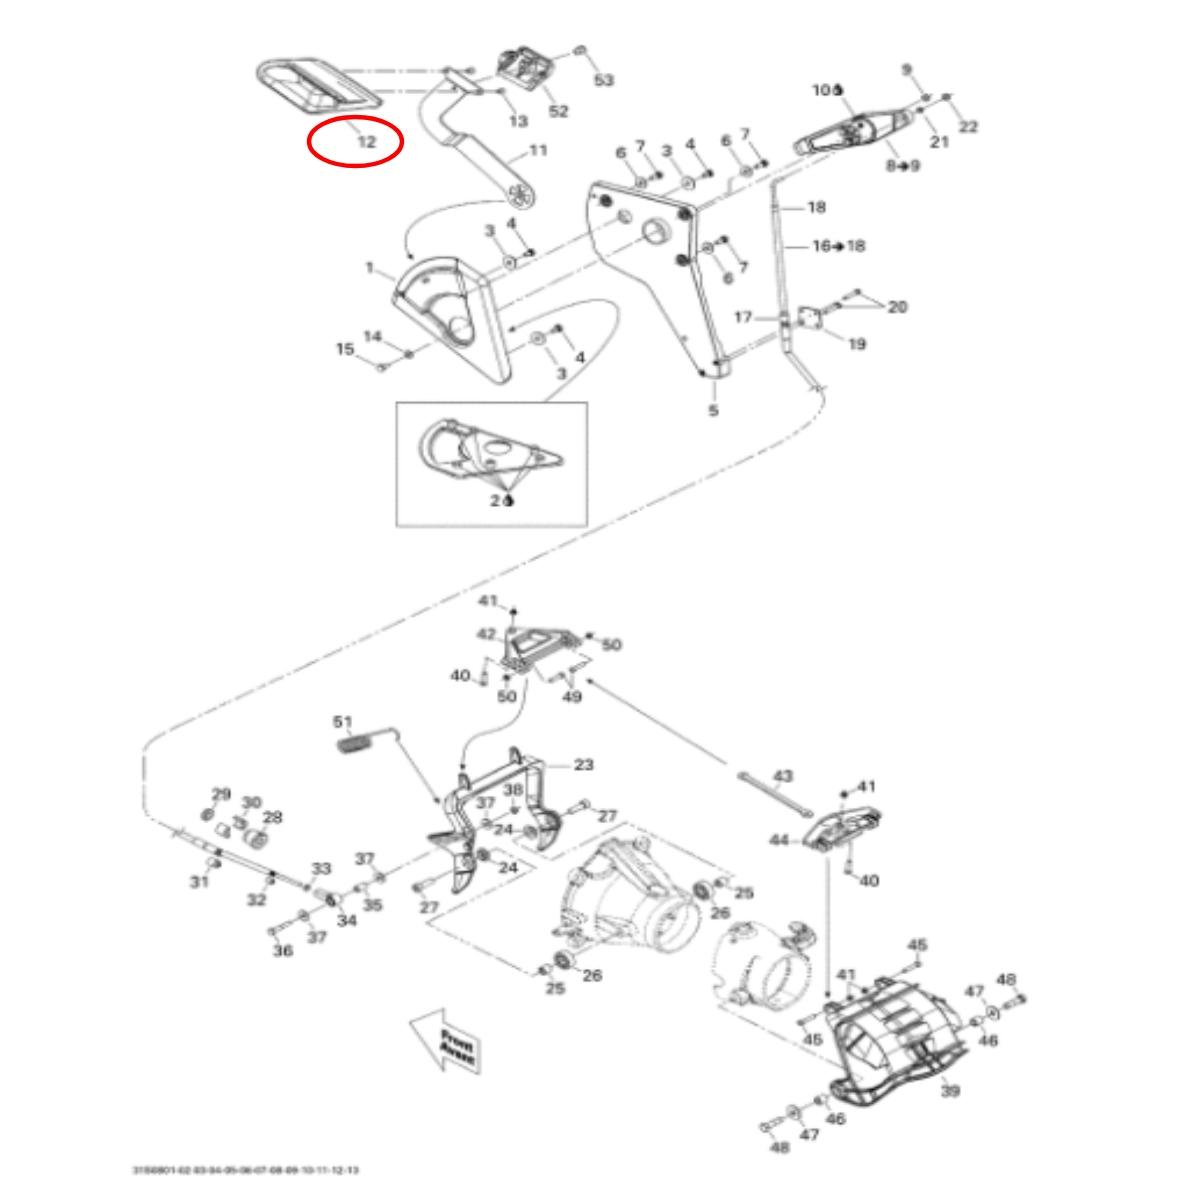 Alavanca do Reverso Jet Ski Sea Doo GTI 4 tempos nacional  - Radical Peças - Peças para Jet Ski